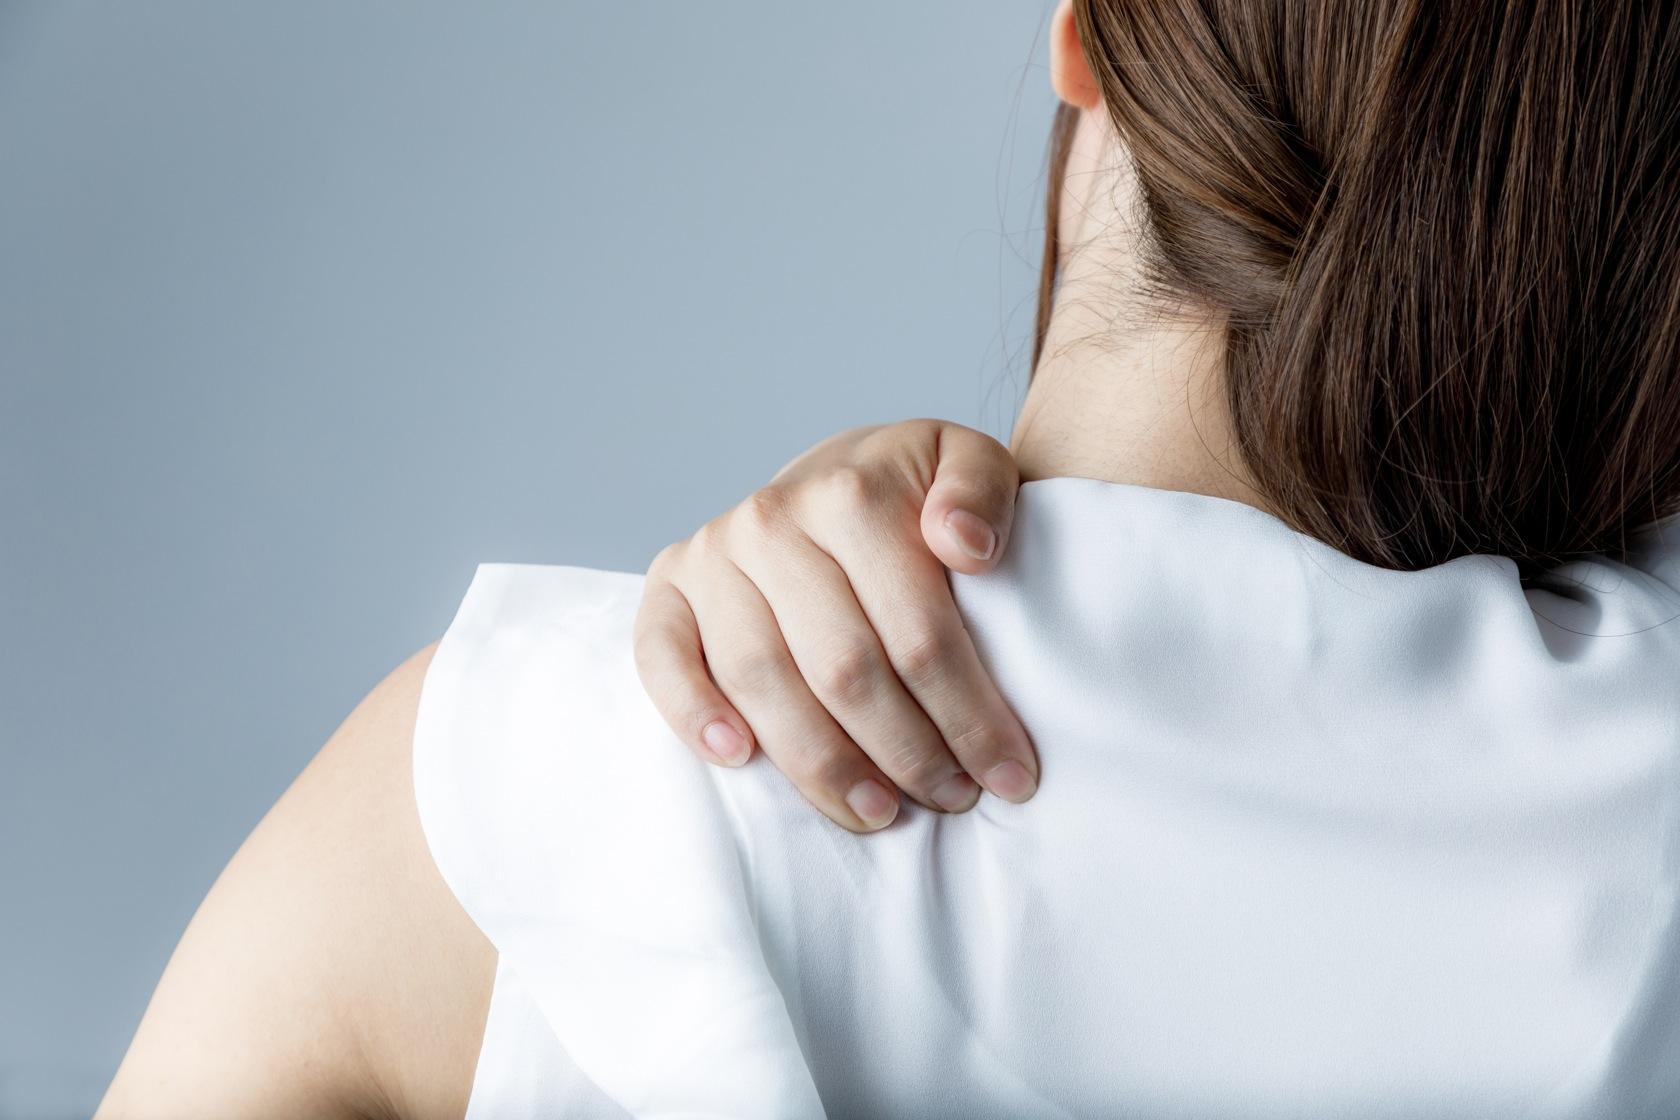 春先に肩こりが悪化するのはどうして?つらい肩こりの改善方法をご紹介 ...